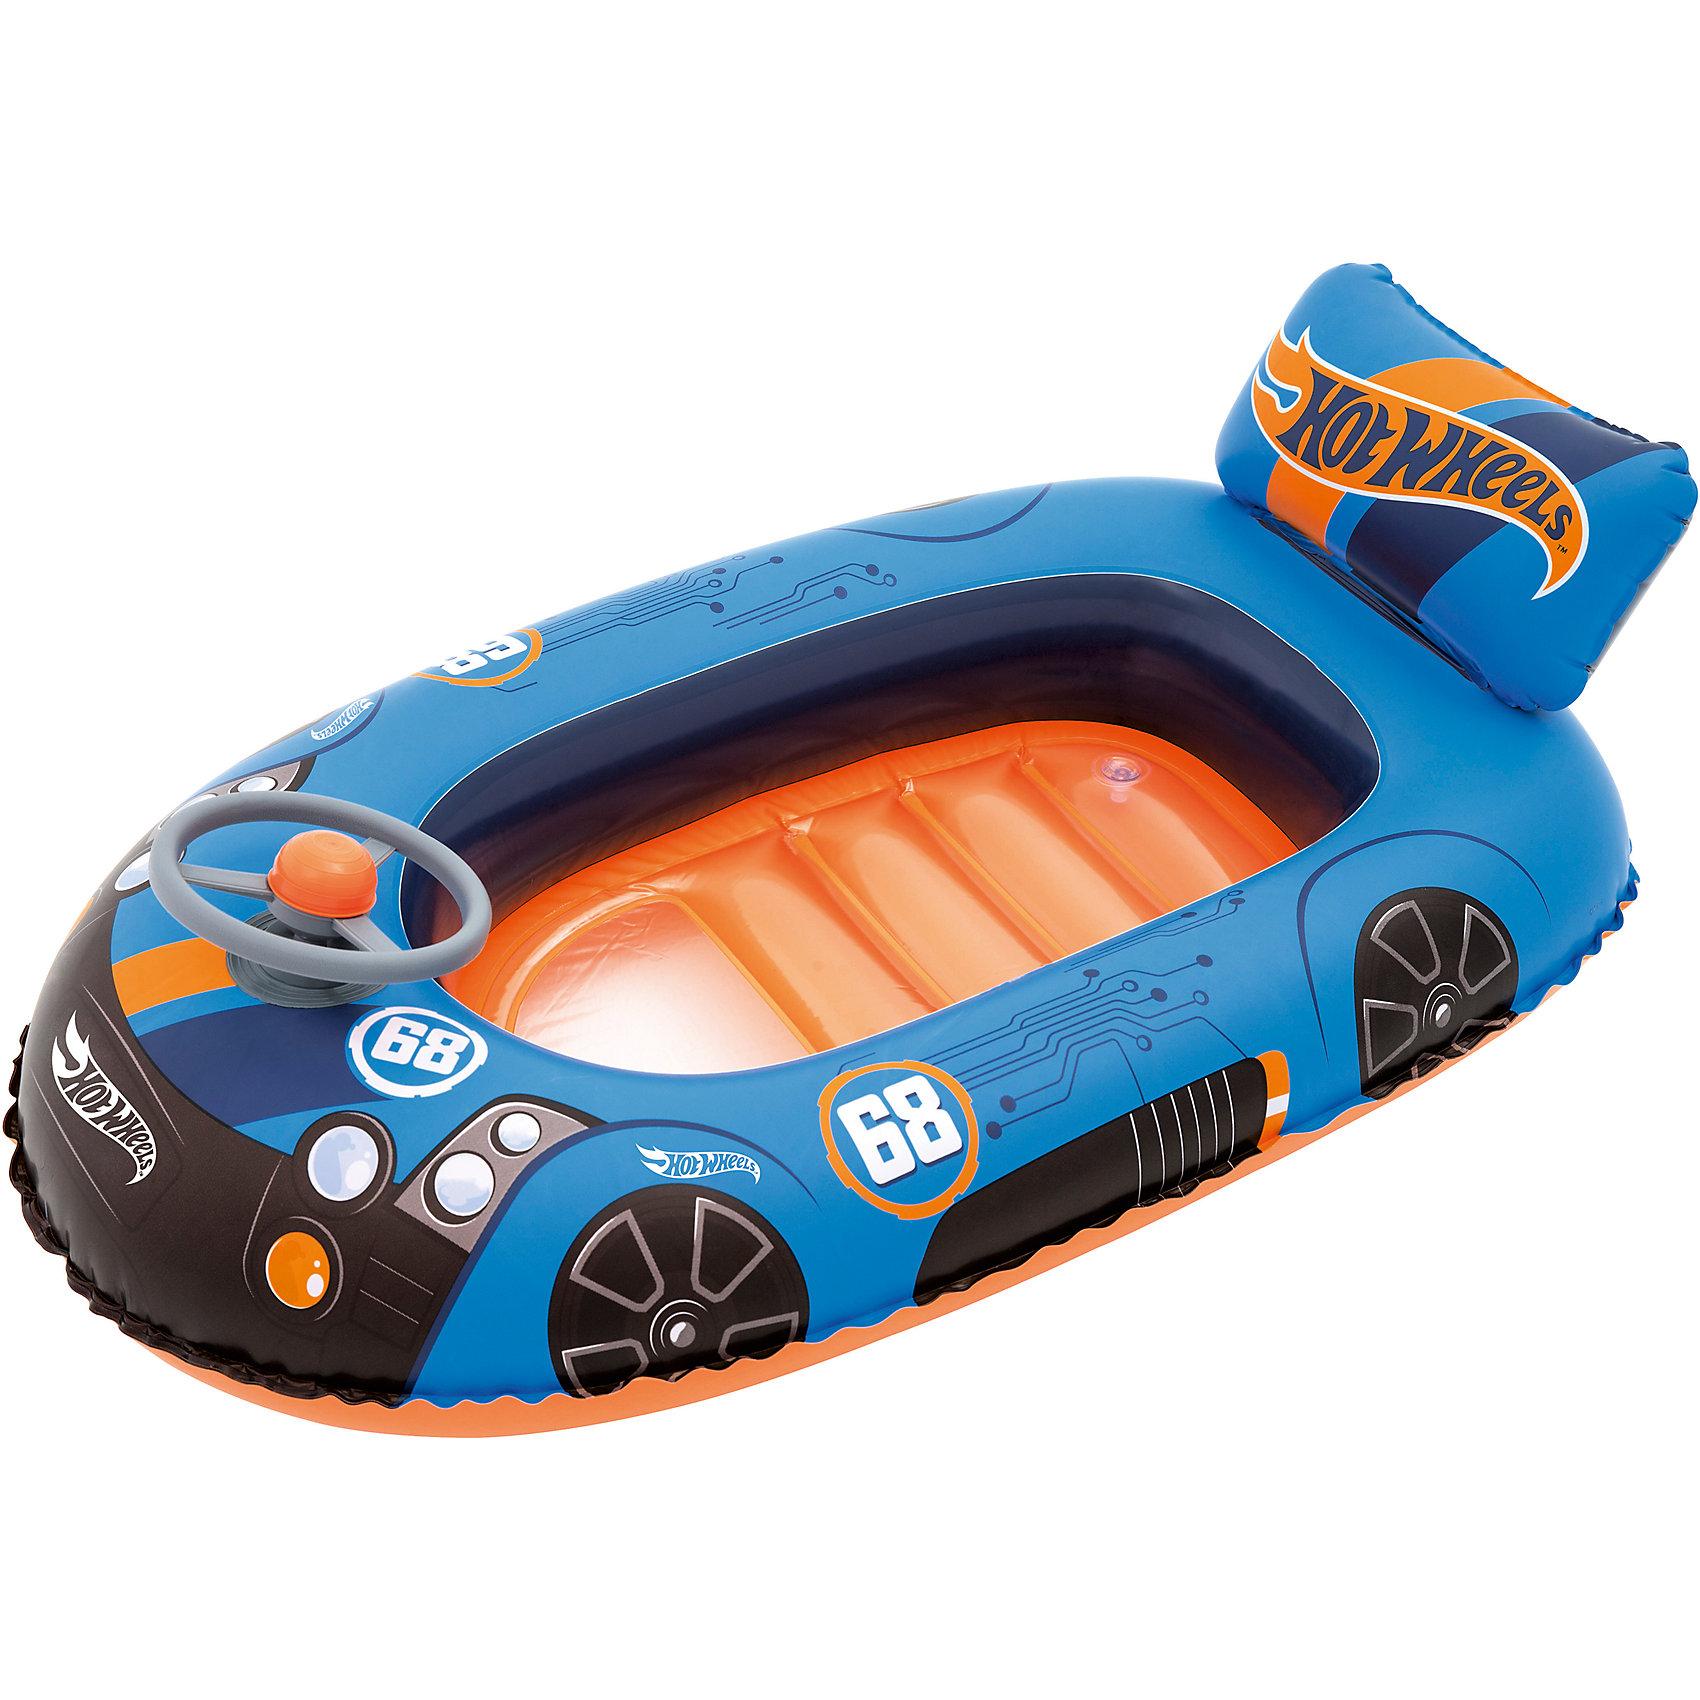 Надувная лодочка, Hot Wheels, BestwayМатрасы и лодки<br>Надувная лодочка, Hot Wheels, Bestway (Бествей)<br><br>Характеристики:<br><br>• дизайн в виде гоночной машины Хот Вилс<br>• дополнена декоративным рулем<br>• есть подушка для спины<br>• небольшое окошко на дне<br>• материал: ПВХ<br>• размер: 114х71 см<br>• вес: 627 грамм<br><br>Надувная лодочка Bestway - отличны вариант для летнего отдыха. Малыш сможет отдыхать и играть в воде рядом с родителями. Изделие выполнено из прочного поливинилхлорида. Лодочка оснащена удобной подушкой для спины и небольшим окошком на дне. Любители Хот Вилс по достоинству оценят дизайн в виде стильной гоночной машины. А для большей реалистичности лодка дополнена декоративным рулем на передней части.<br><br>Надувная лодочка, Hot Wheels, Bestway (Бествей) можно купить в нашем интернет-магазине.<br><br>Ширина мм: 480<br>Глубина мм: 320<br>Высота мм: 260<br>Вес г: 627<br>Возраст от месяцев: 48<br>Возраст до месяцев: 2147483647<br>Пол: Мужской<br>Возраст: Детский<br>SKU: 5486978